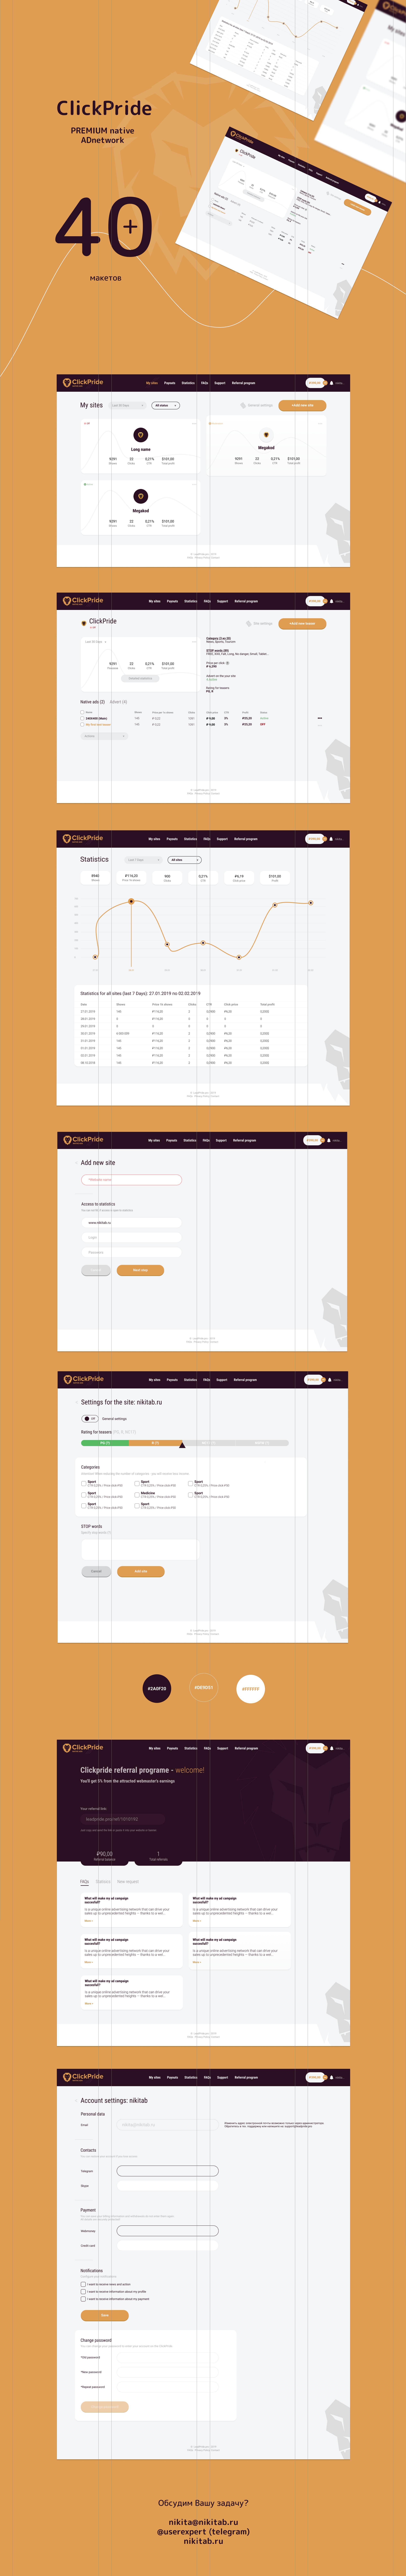 Дизайн интерфейса для нативной сети